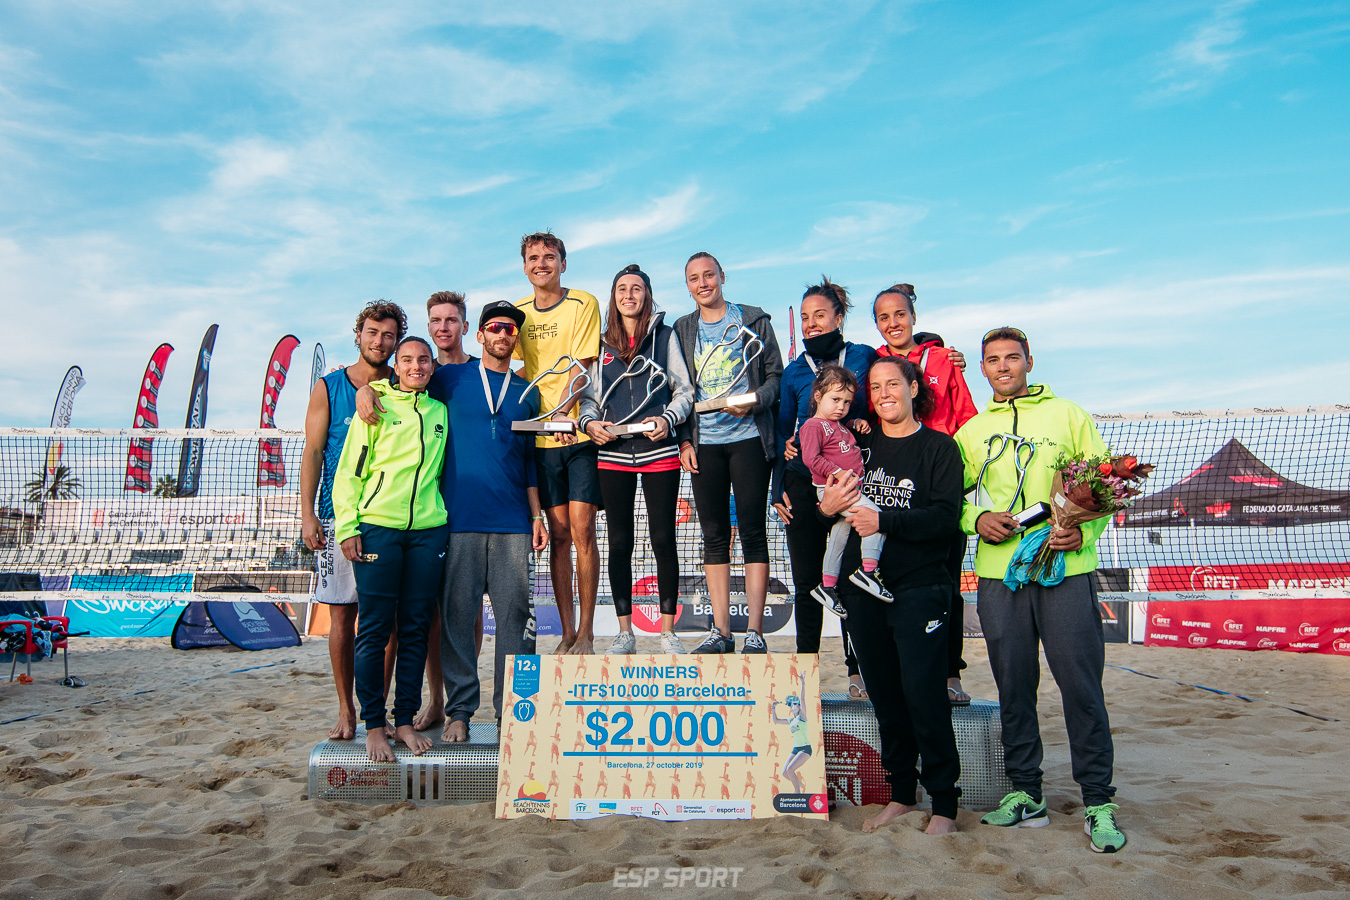 Exito de participación y de público en el 12è Trofeu Internacional Ciutat de Barcelona de tennis Platja!